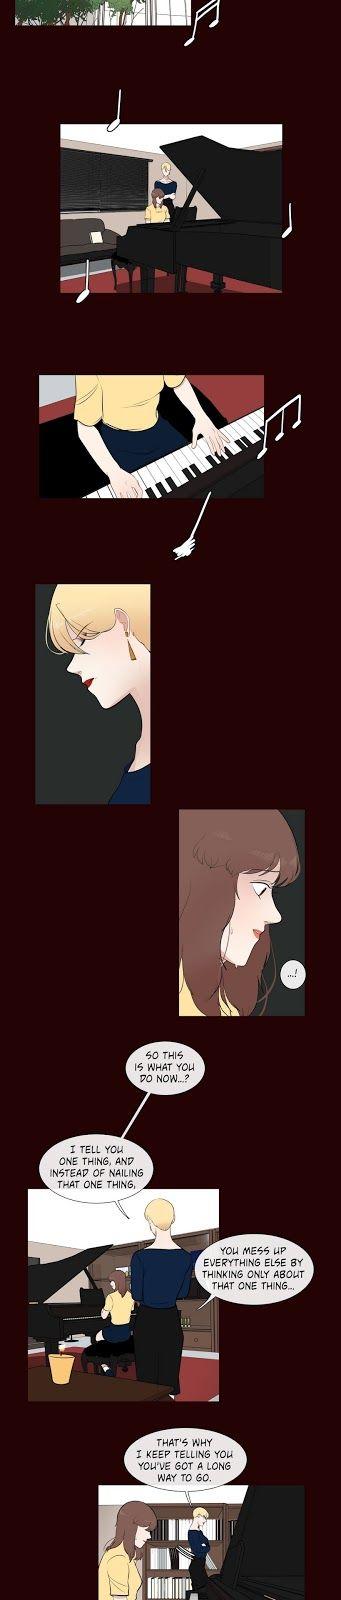 Serenade (keum Kyesoo) - Chapter 23